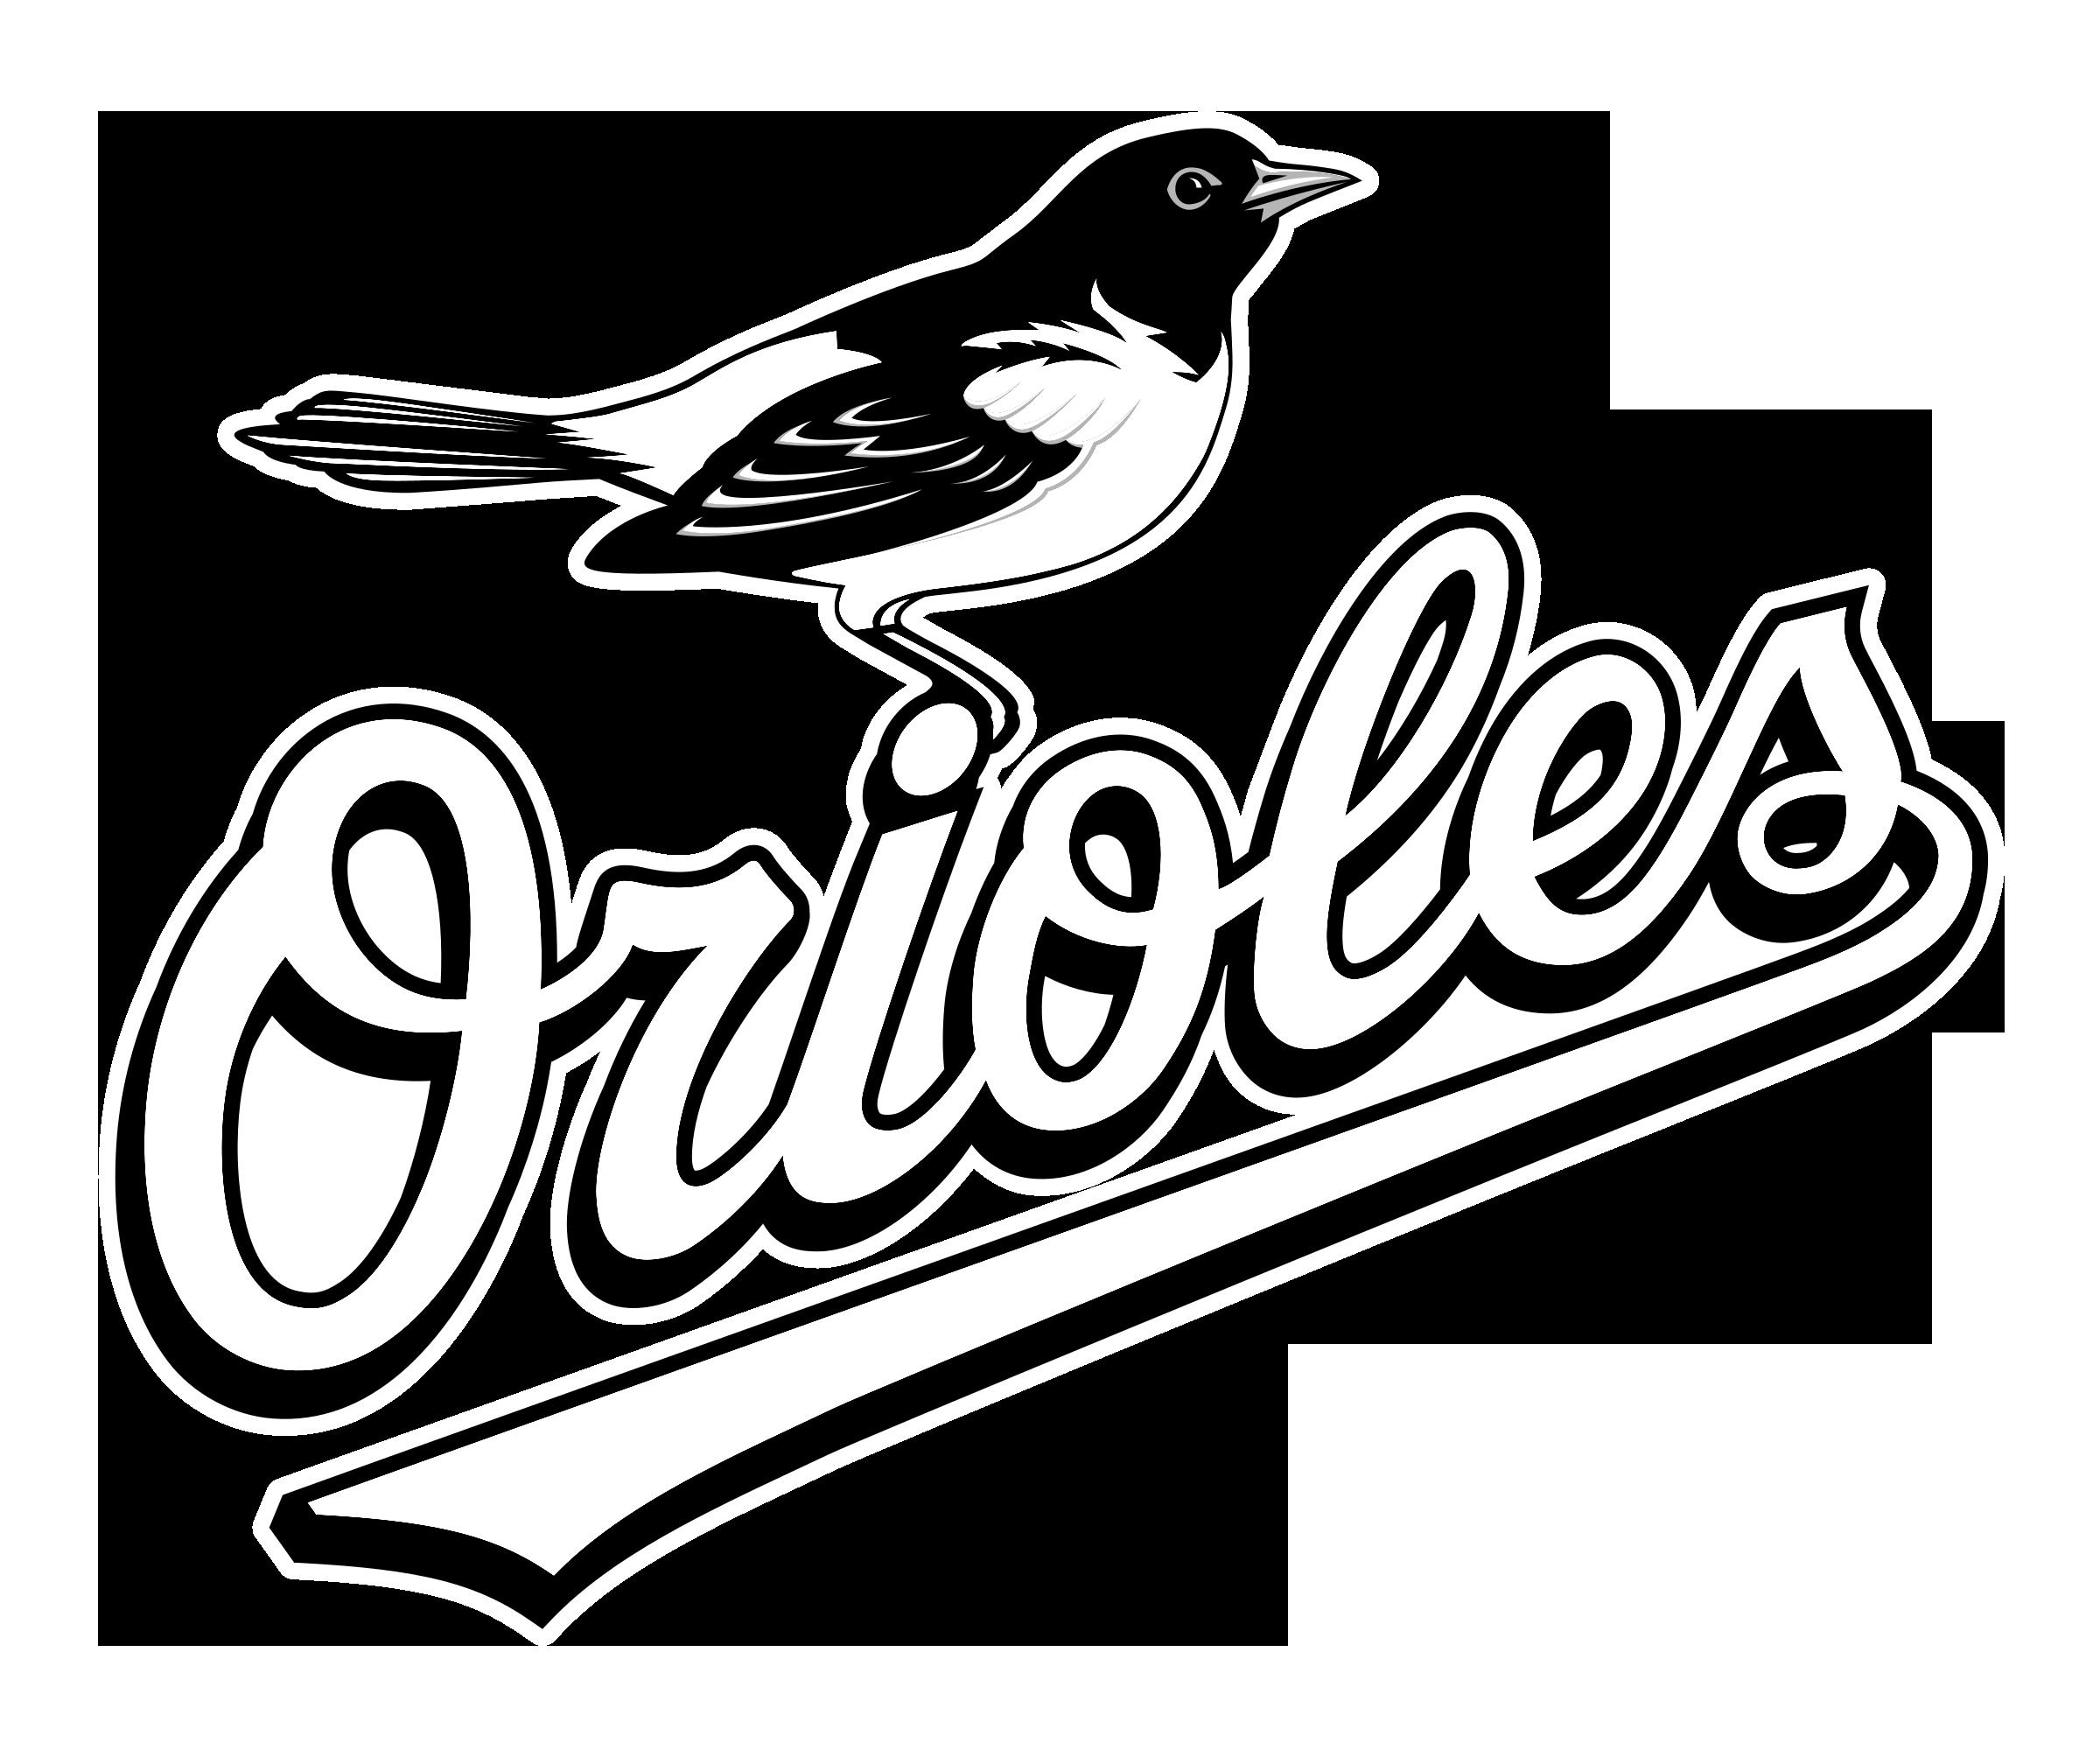 Baltimore orioles logo png. Falcon clipart oriole bird